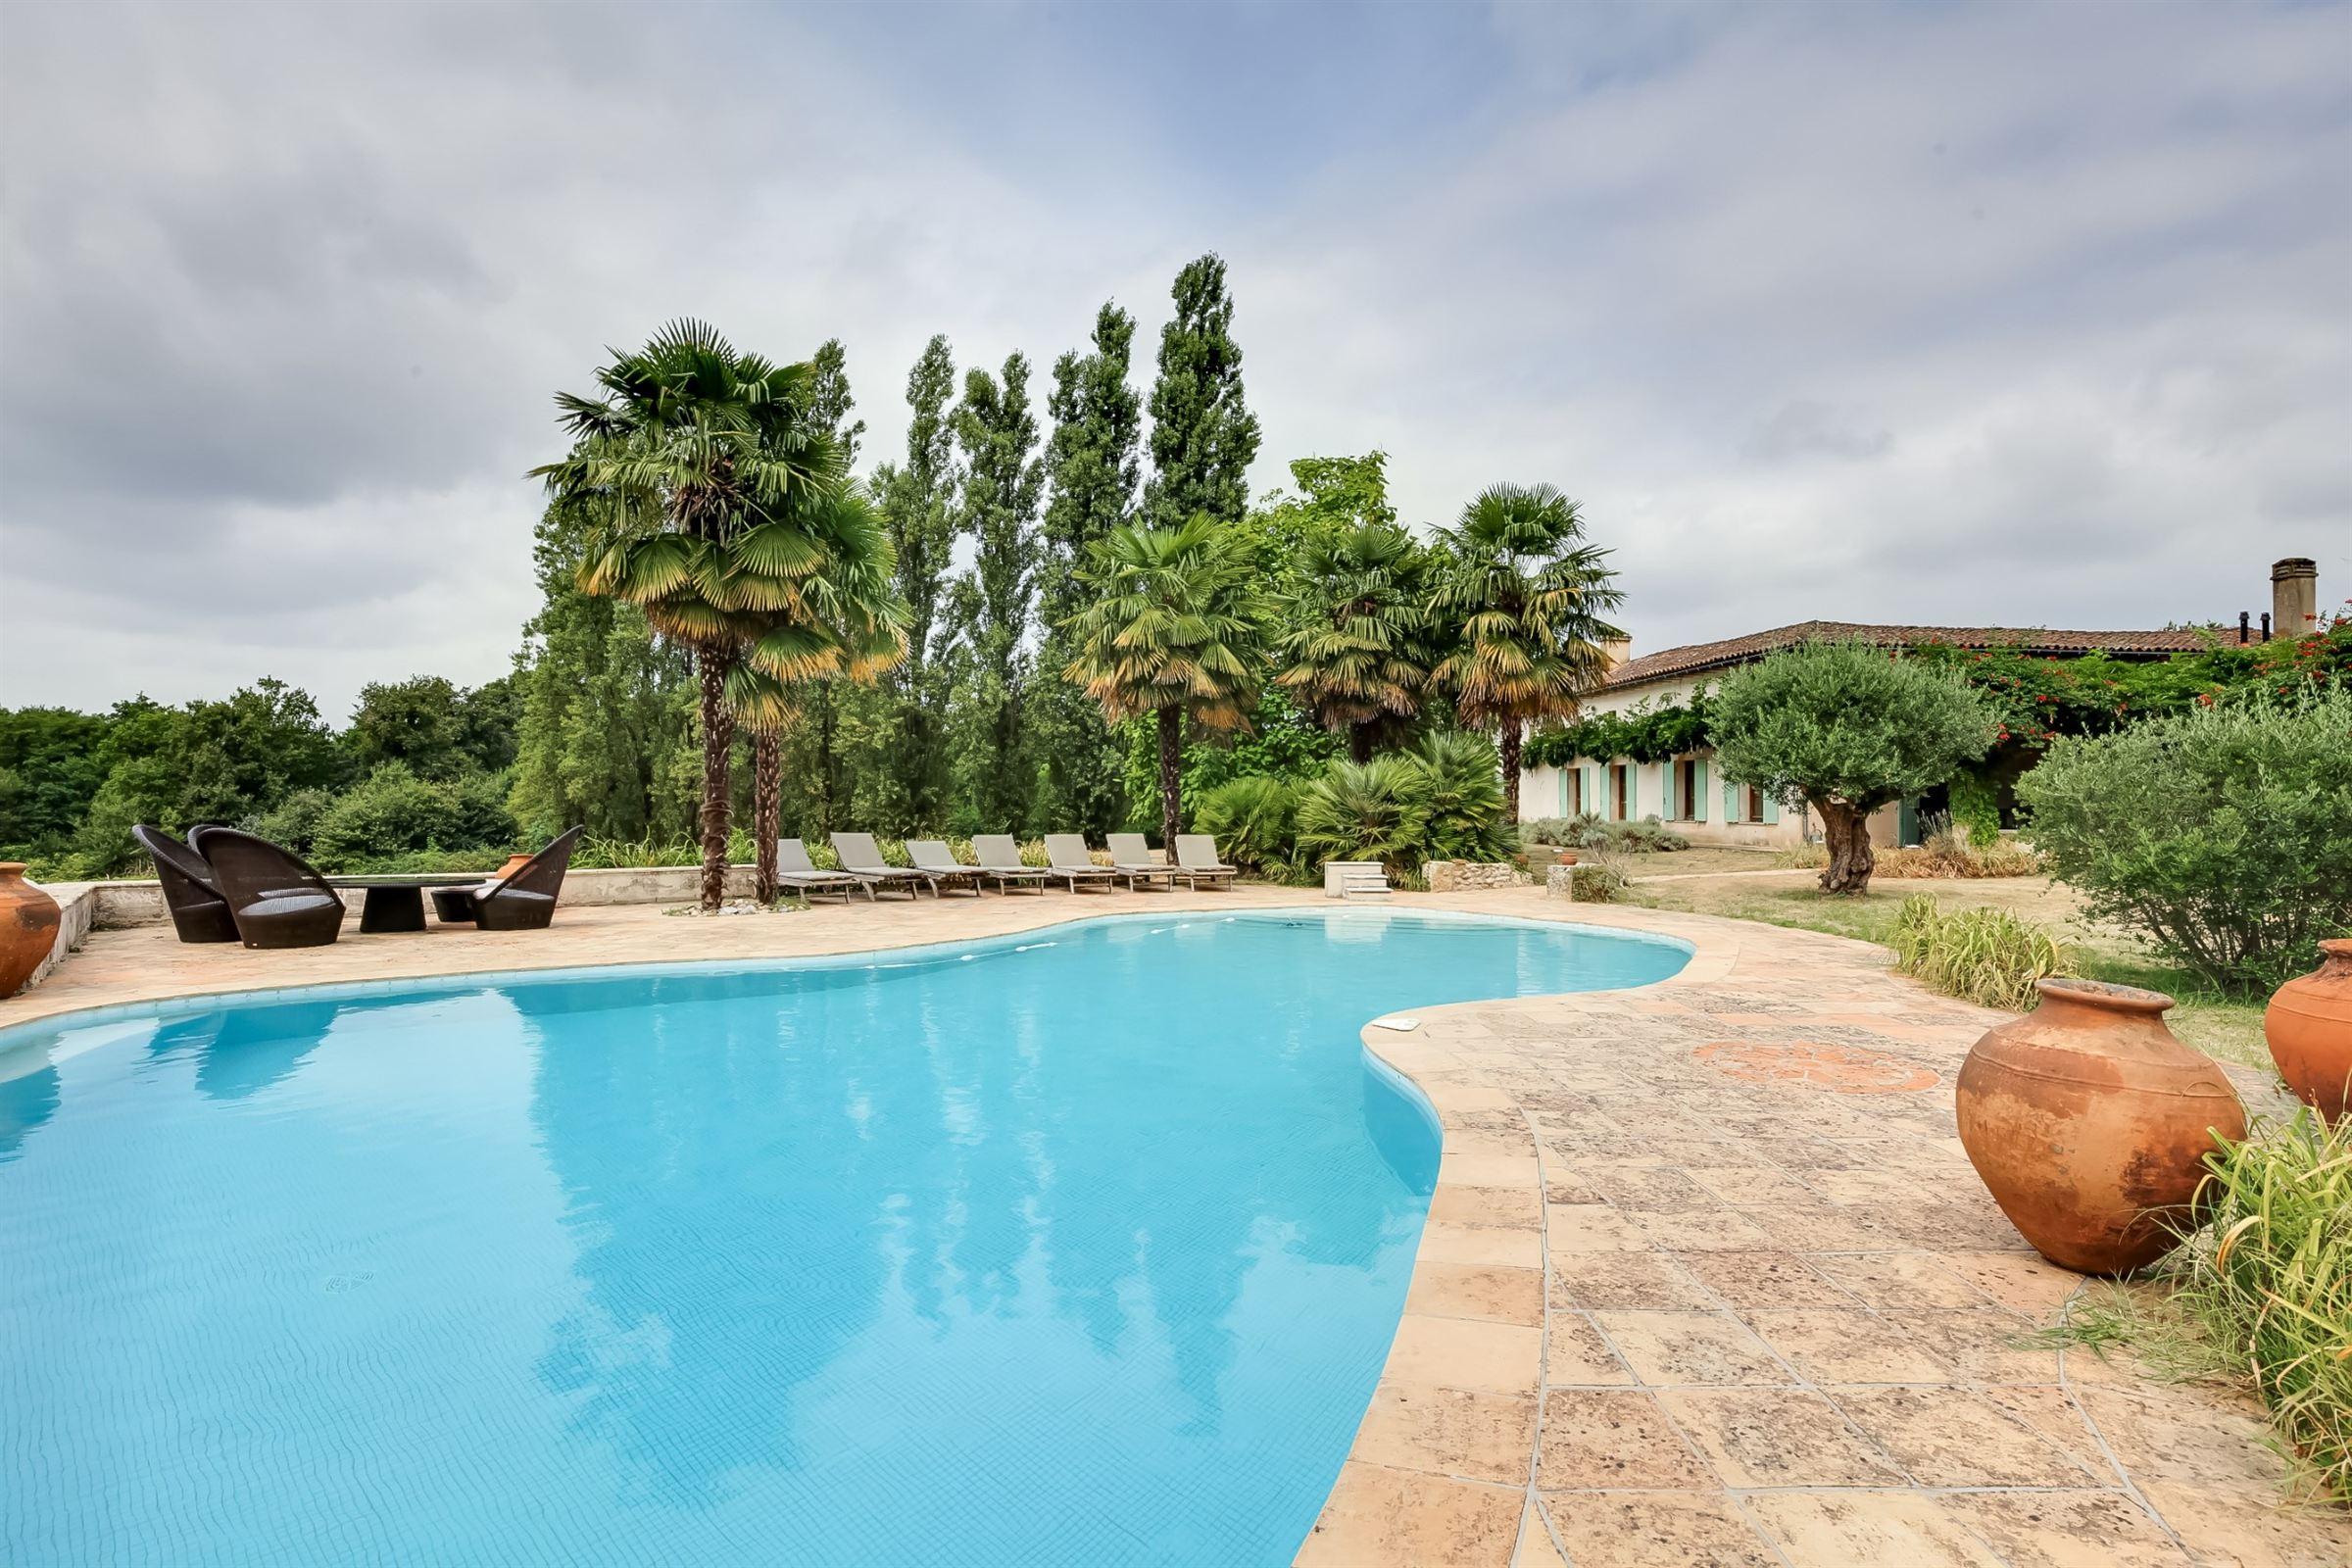 一戸建て のために 売買 アット BORDEAUX 30MN - UNIQUE 10 HA PROPERTY WITH 2 PRIVATE LAKES Bordeaux, アキテーヌ, 33000 フランス